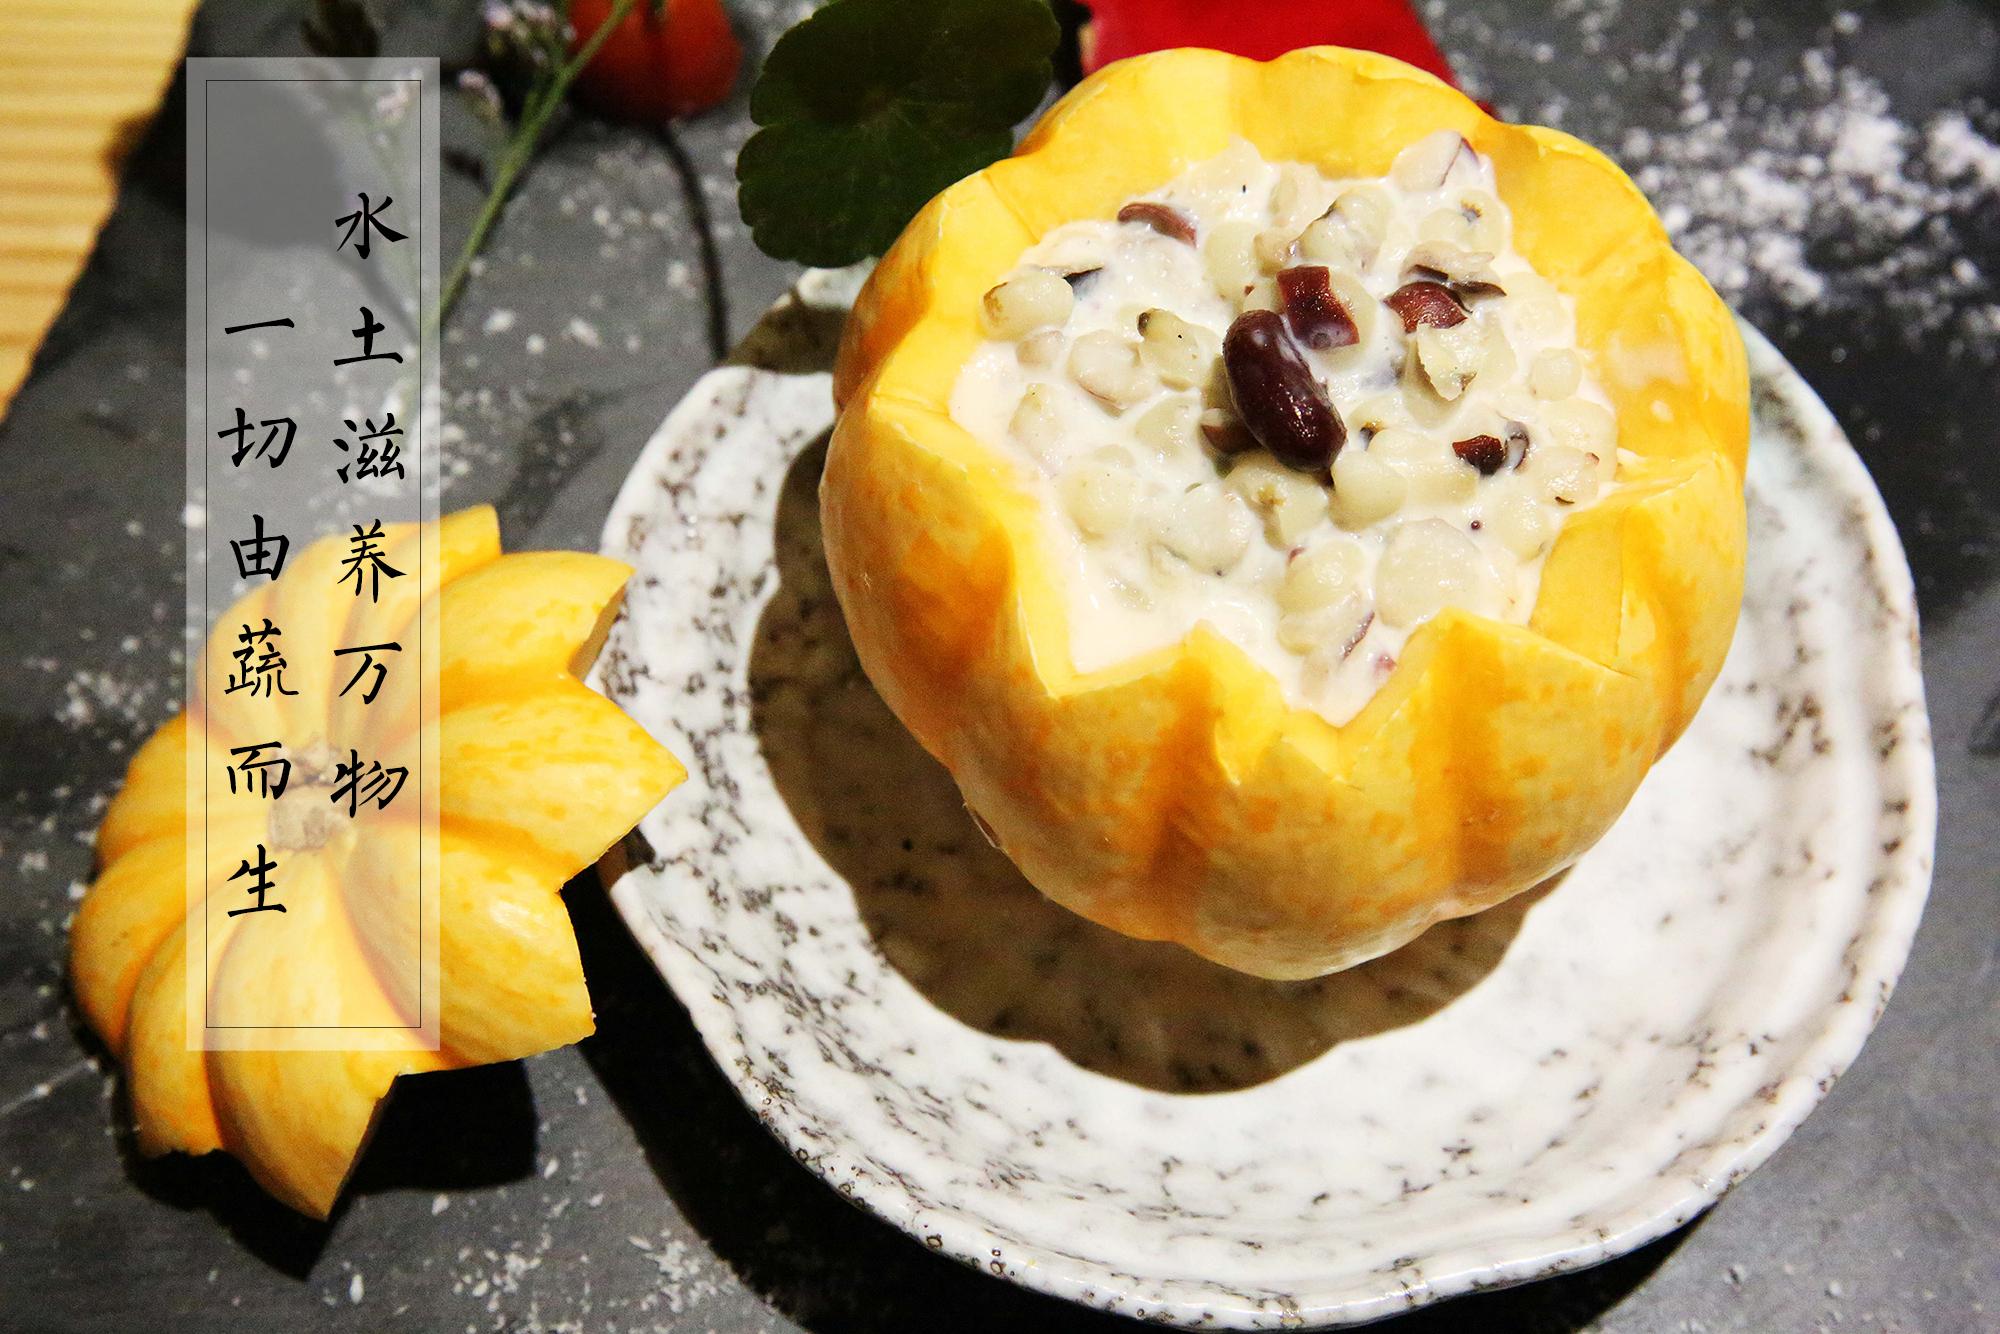 菏题蔬食料理餐厅征服80%食肉星人